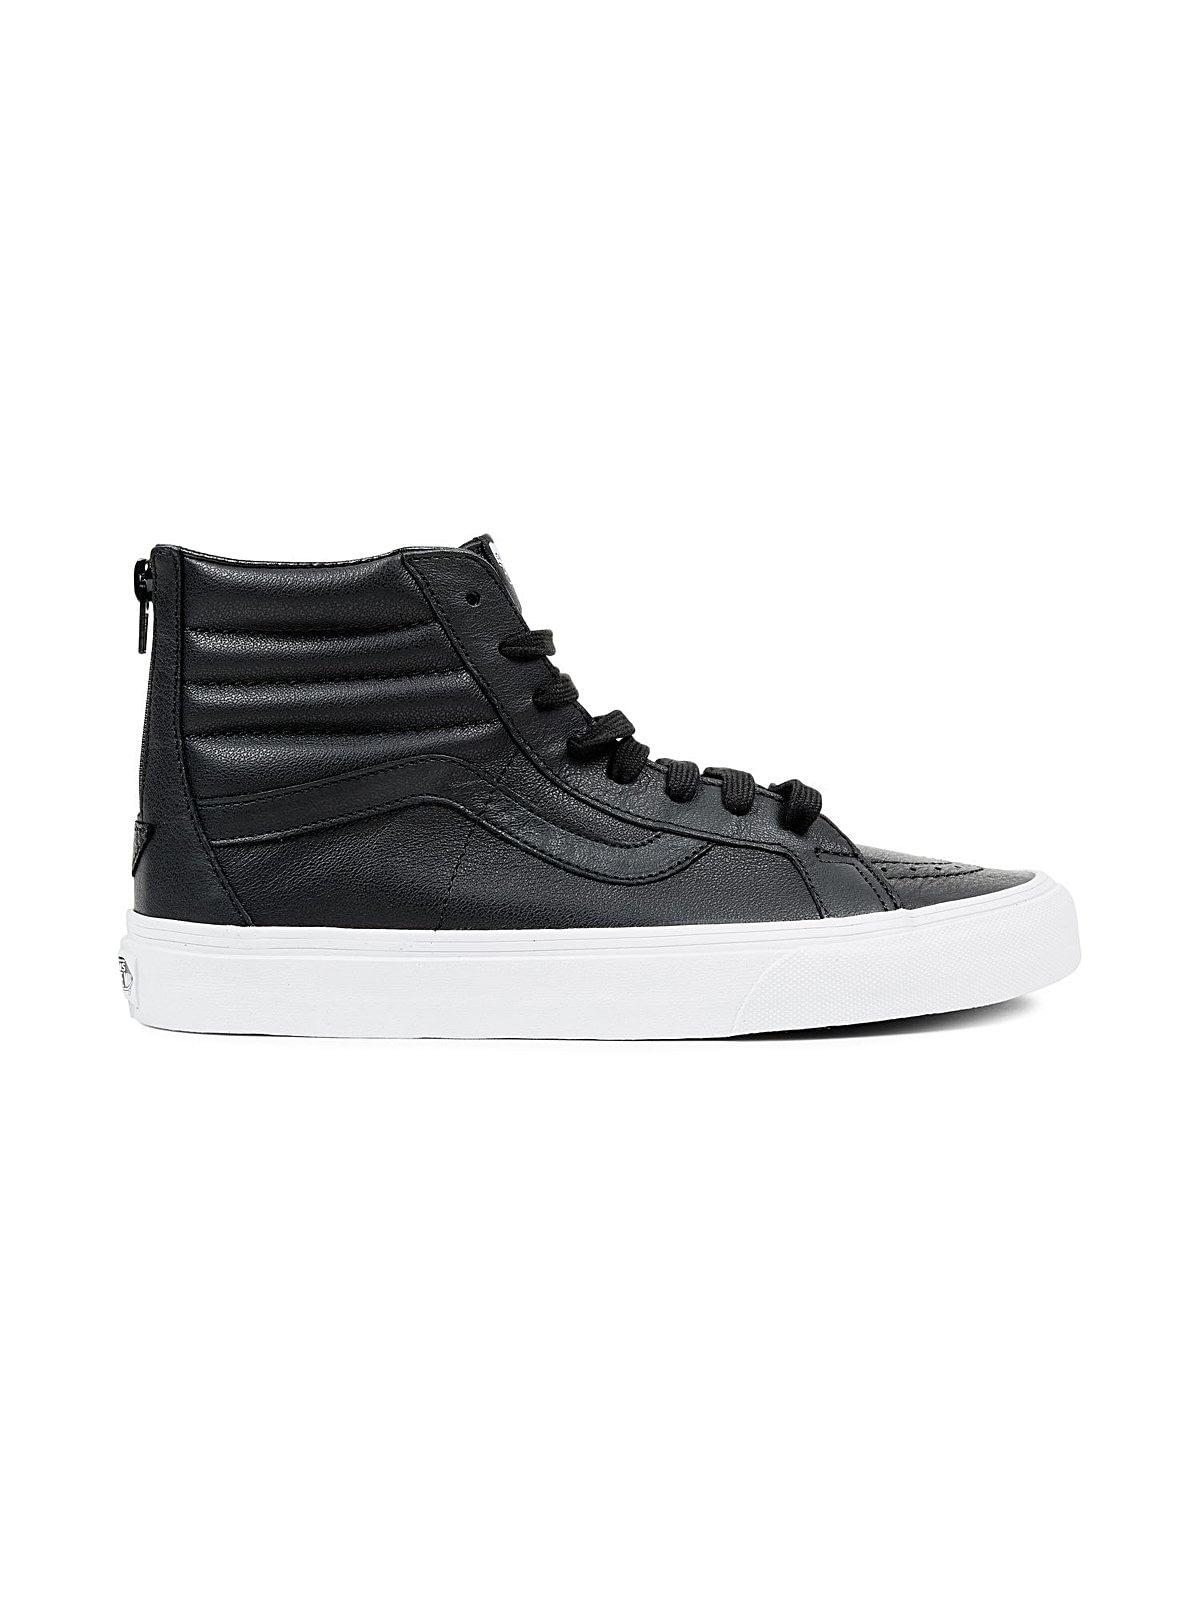 Jual Vans Sk8 Hi Reissue Zip Premium Leather Black 100 Atsthelabel Eeva Top Original Bobobobo